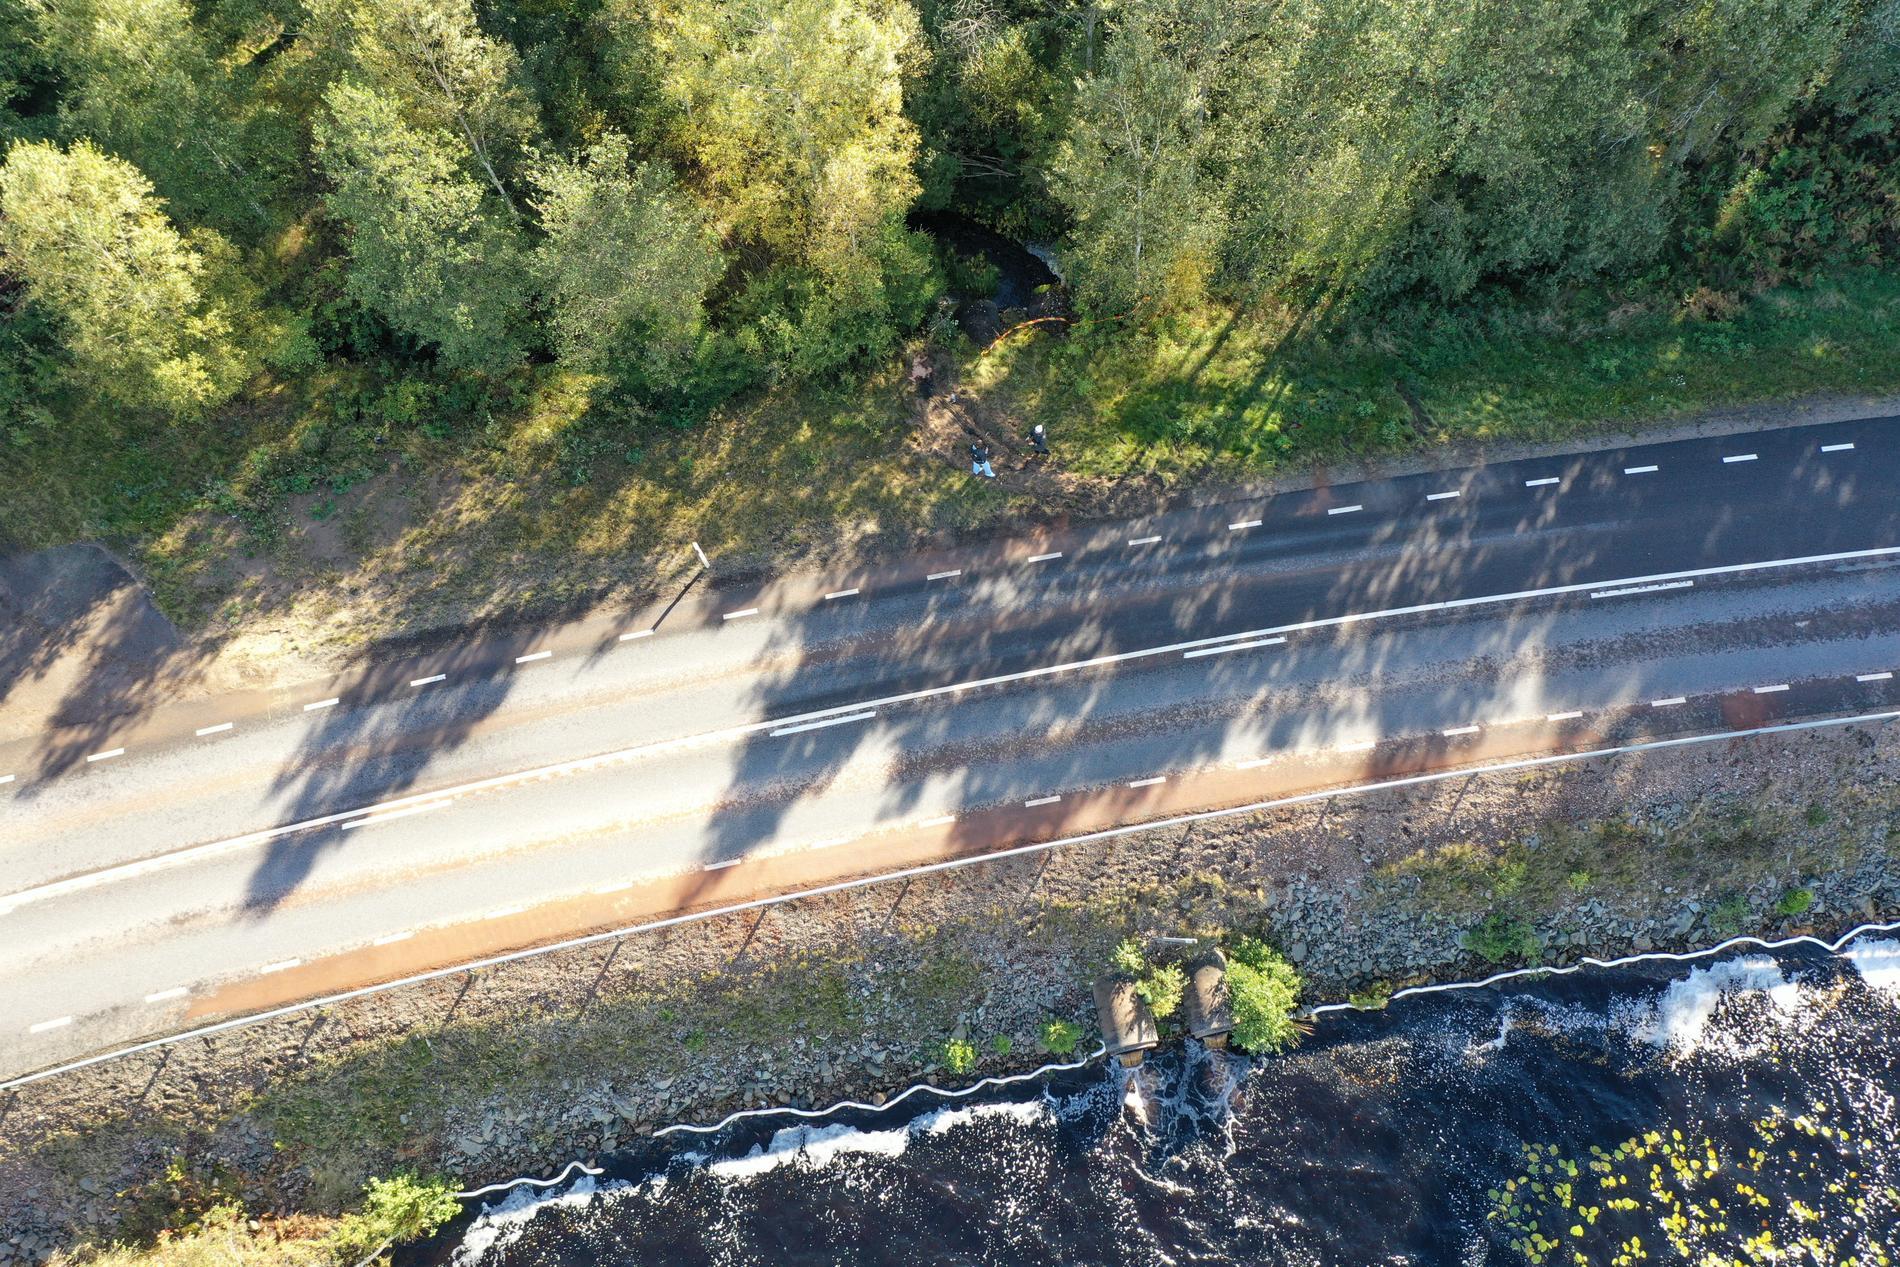 Kurvan där olyckan inträffade är känd i trakten. Det har skett olyckor där förr.